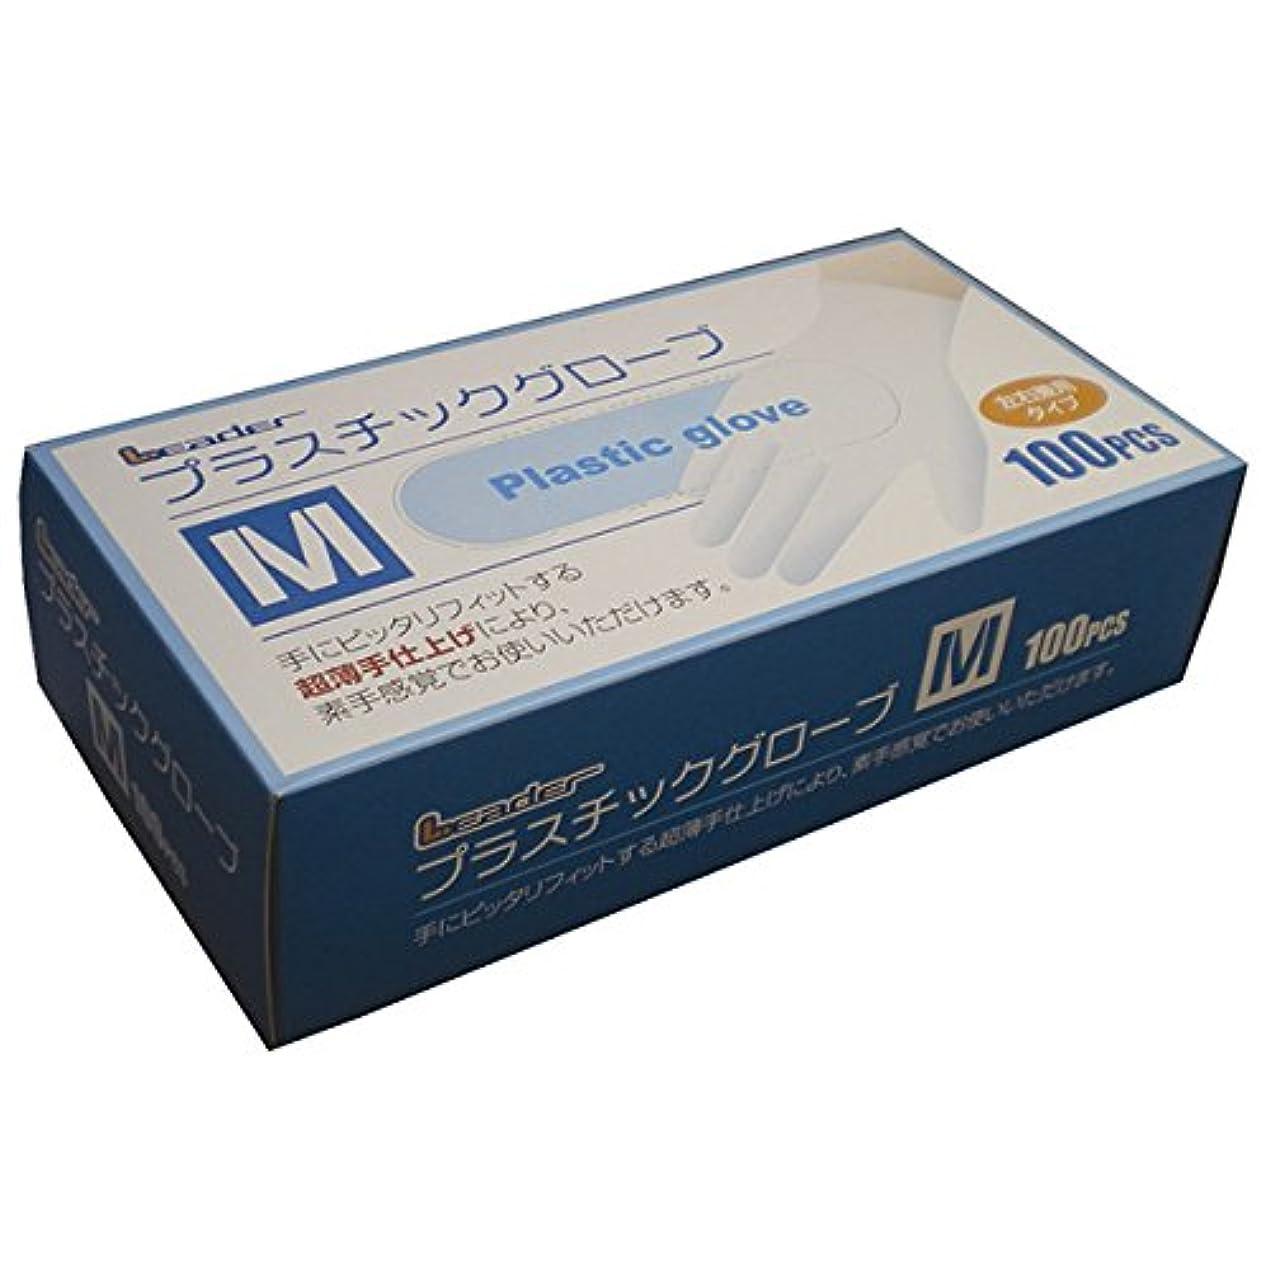 穴若者勉強する日進医療器株式会社:LEプラスチックグローブMサイズ100P 10個入 784492